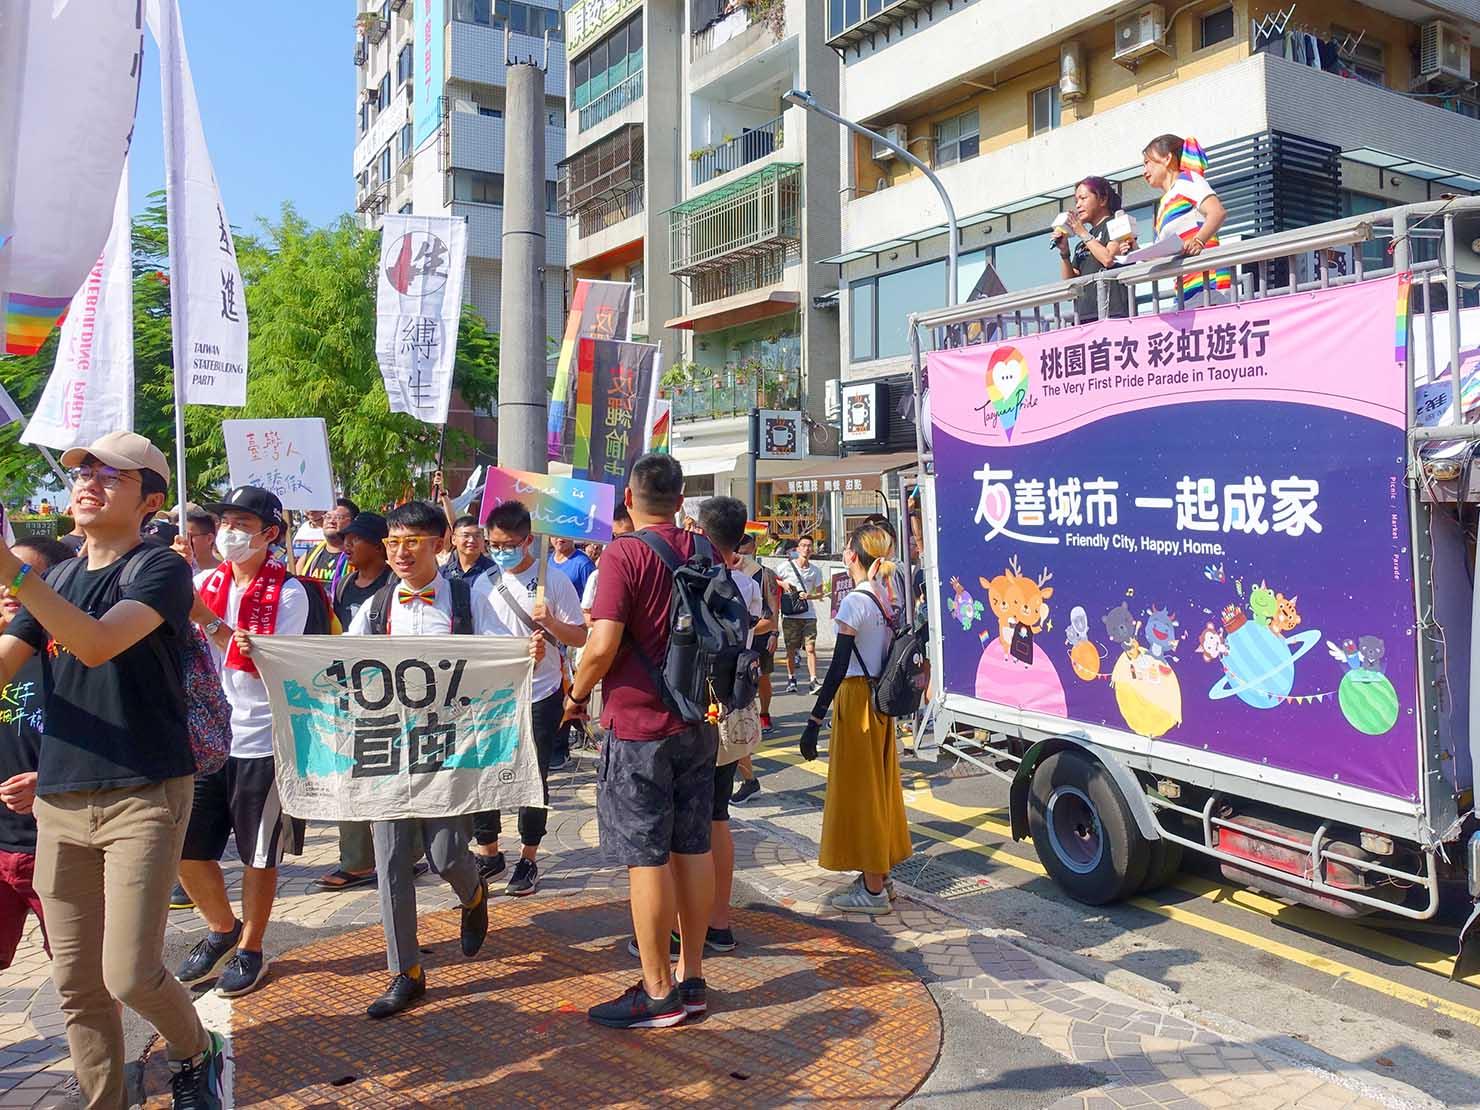 台湾・桃園のLGBTプライド「桃園彩虹野餐日」2020のゴール地点へと入っていくパレード隊列